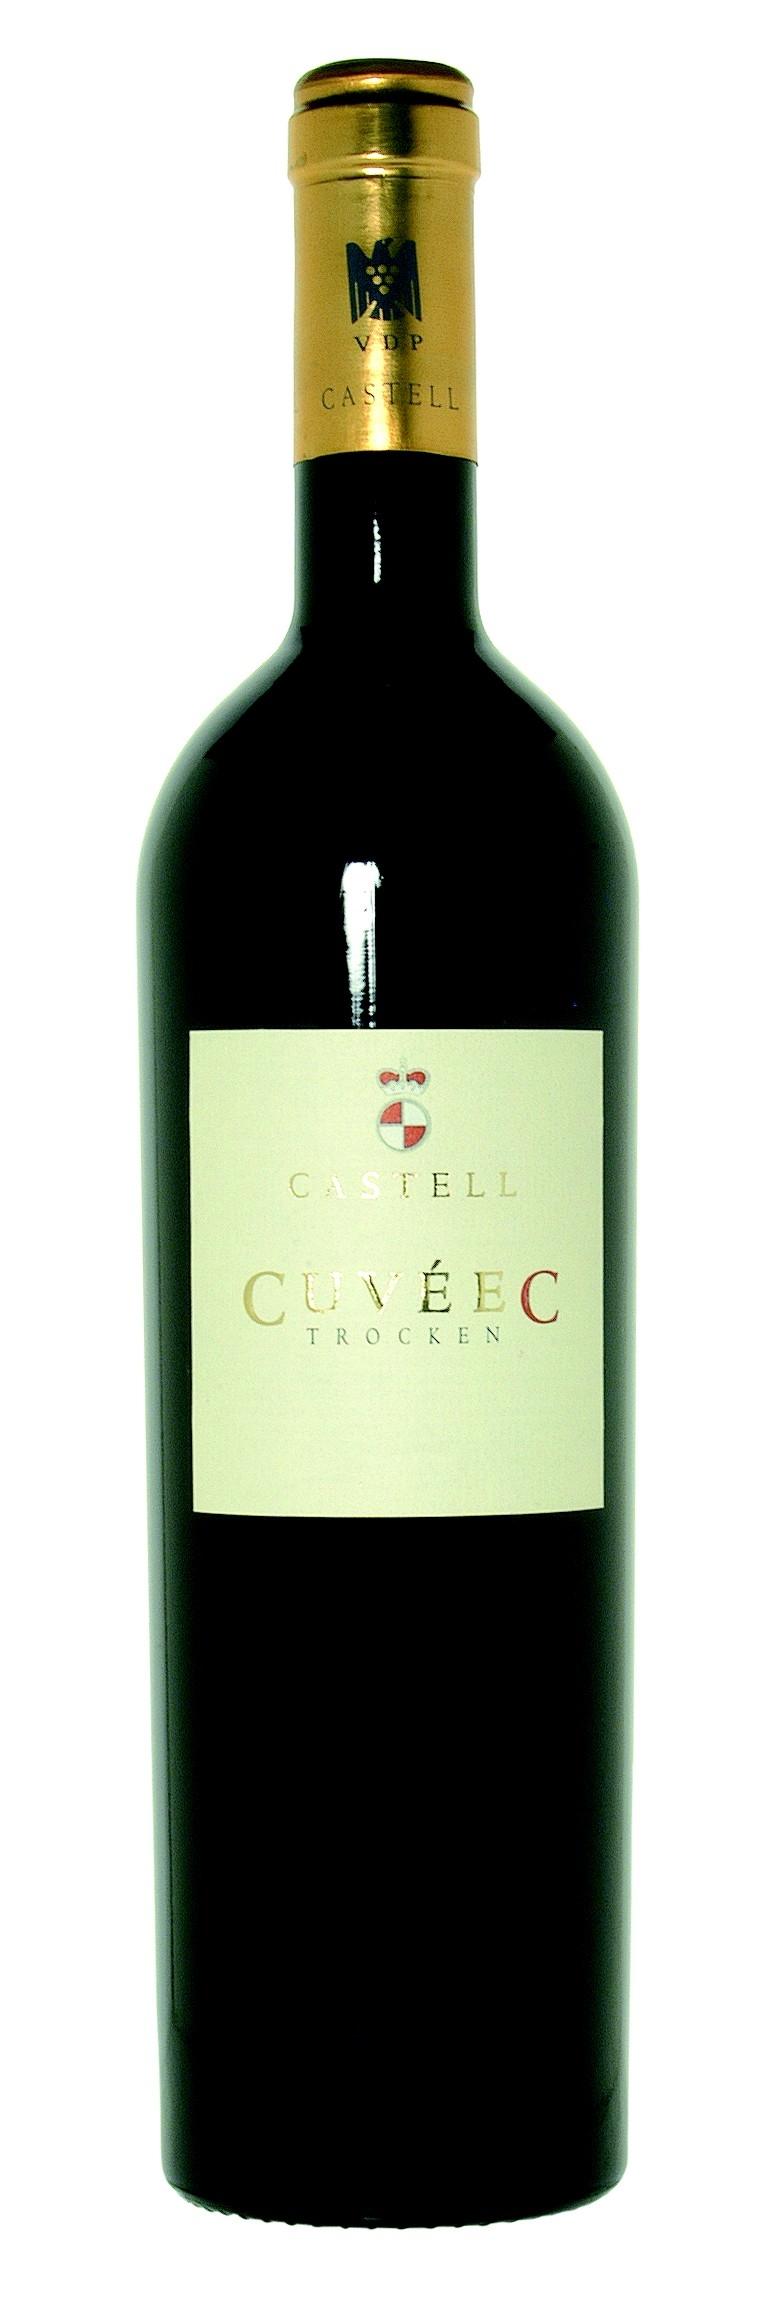 Castell Cuvée C trocken